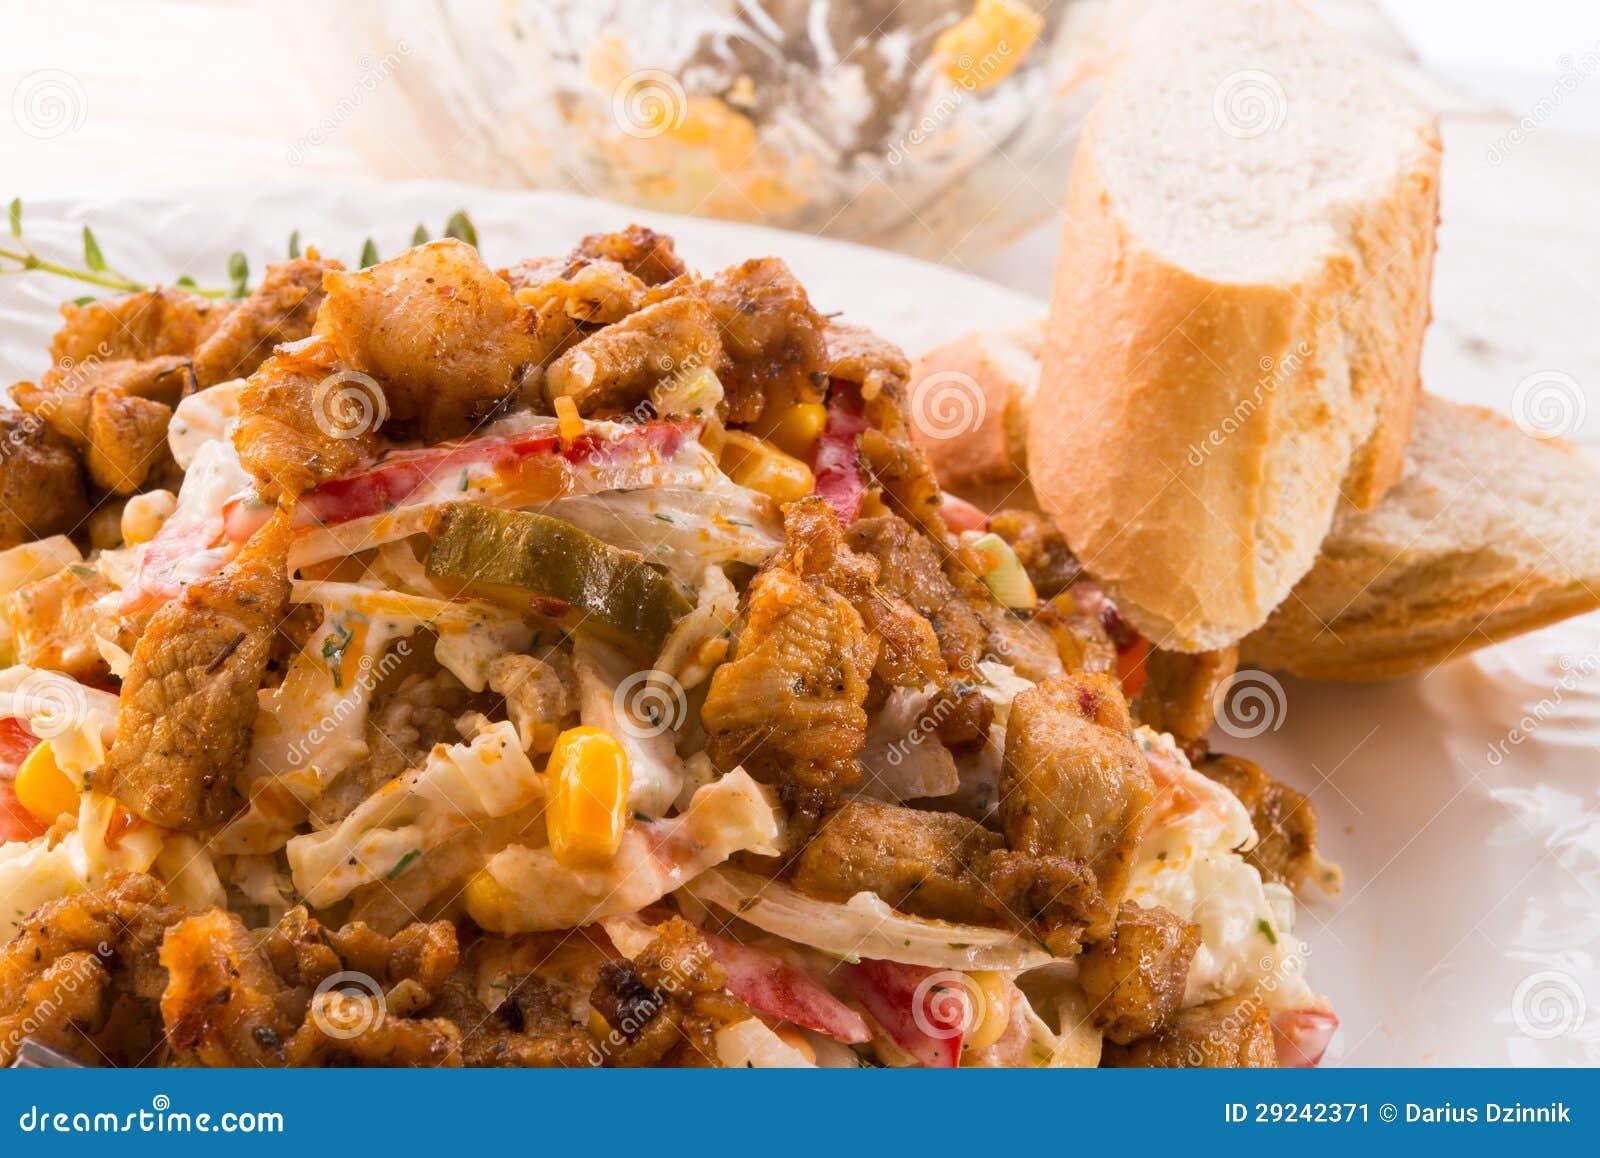 Download Giroscópio do pão árabe imagem de stock. Imagem de east - 29242371